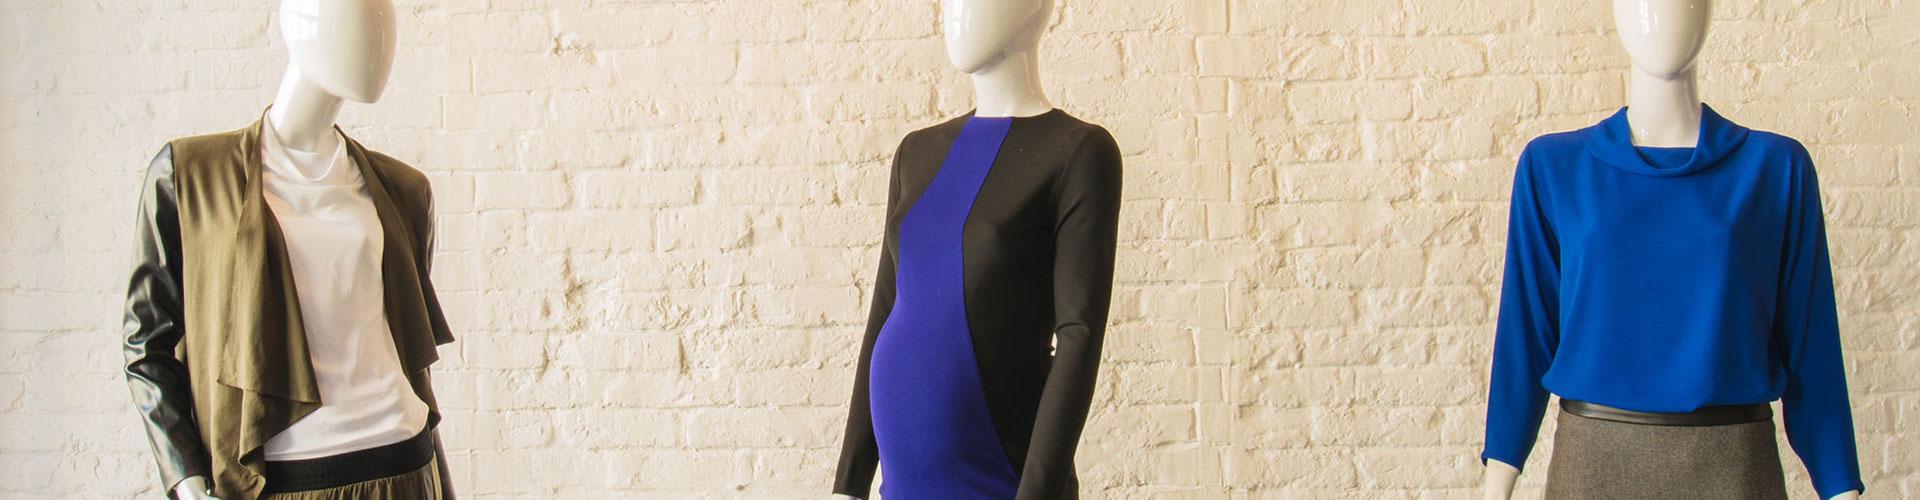 Kleidung Produzieren Lassen Turkei